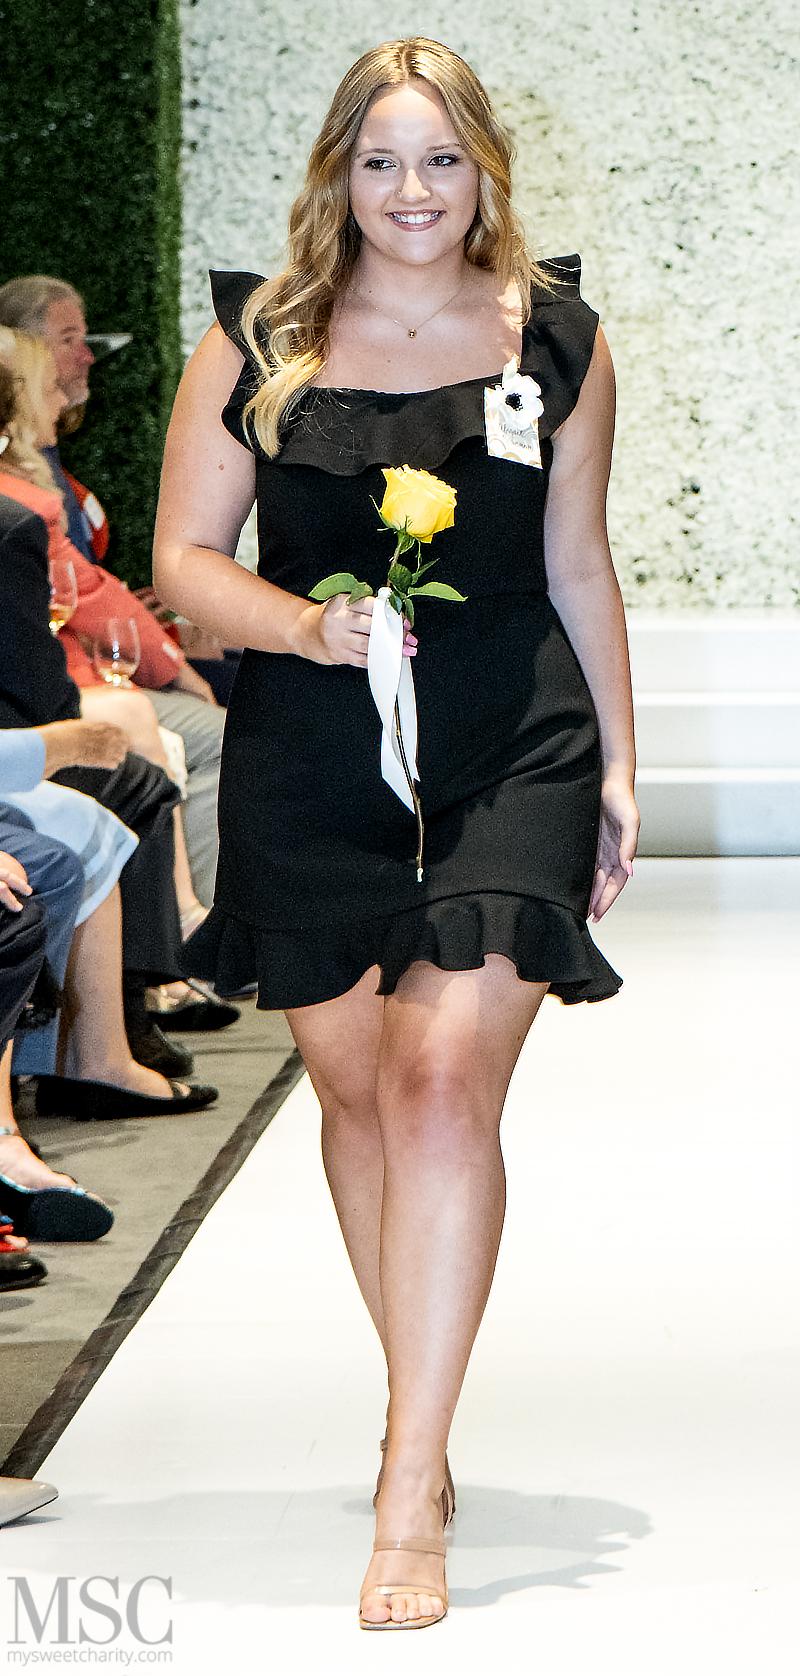 April Brannon